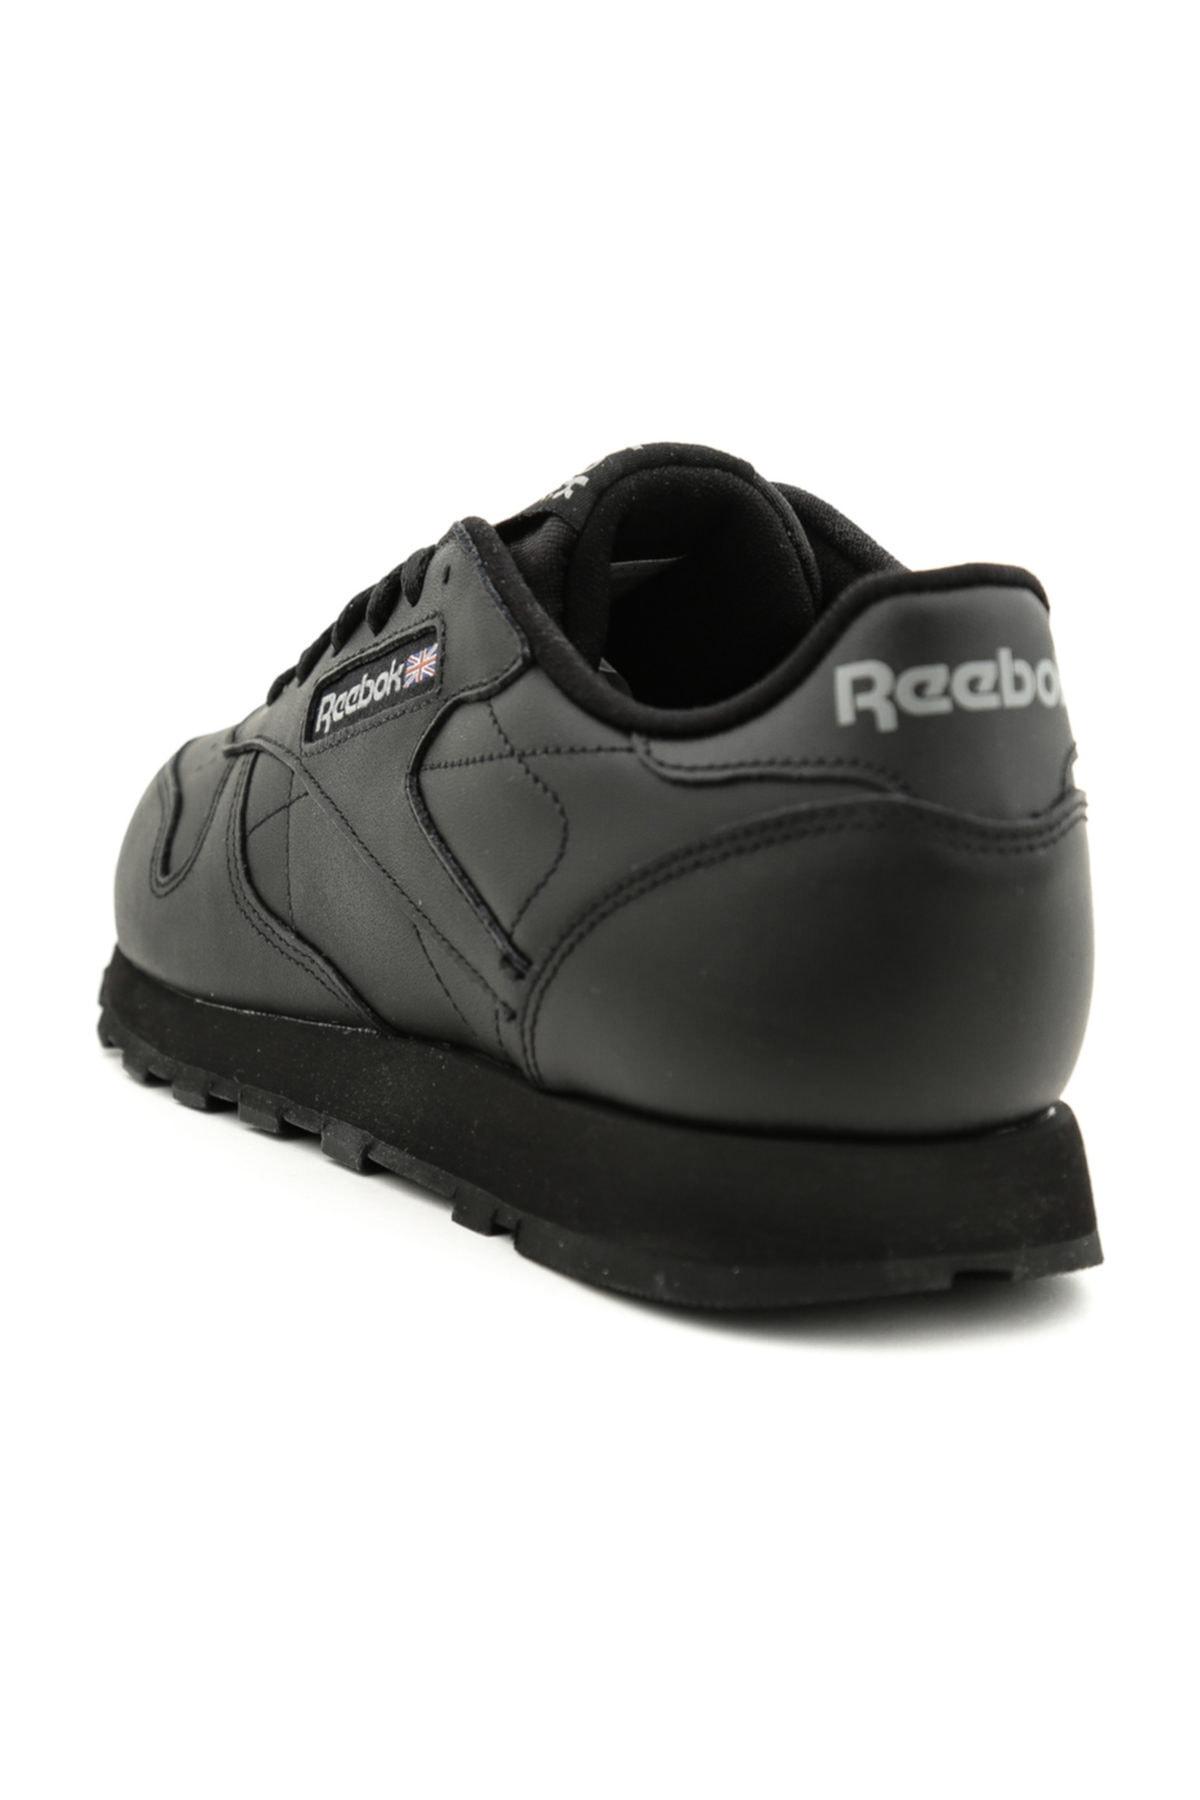 Reebok 003912-K Reebok Cl Lthr Kadın Spor Ayakkabı Siyah 2